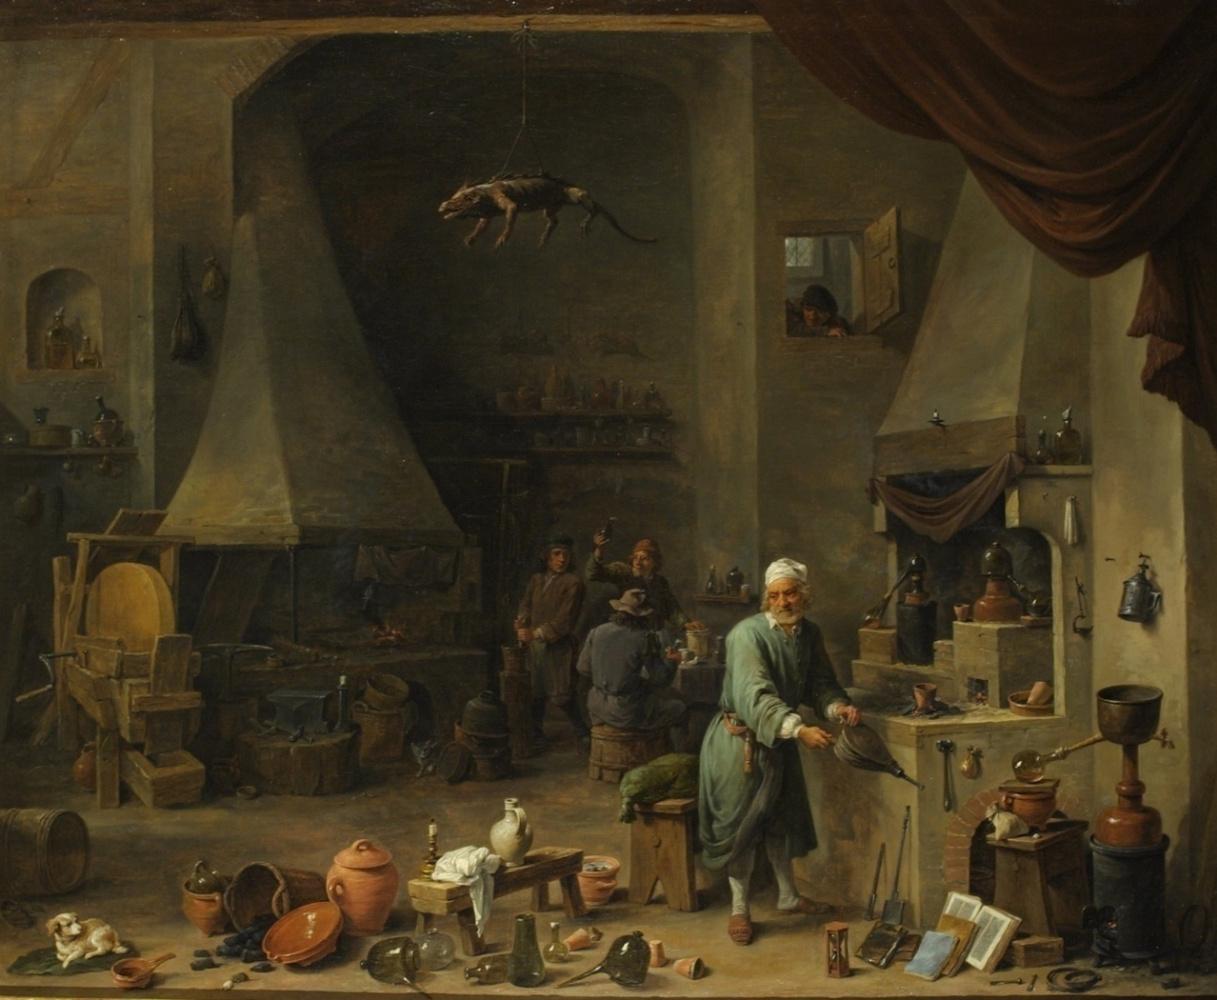 Алхимия искусства в Дюссельдорфе: Дюрер, Рембрандт, Макс Эрнст и не только!